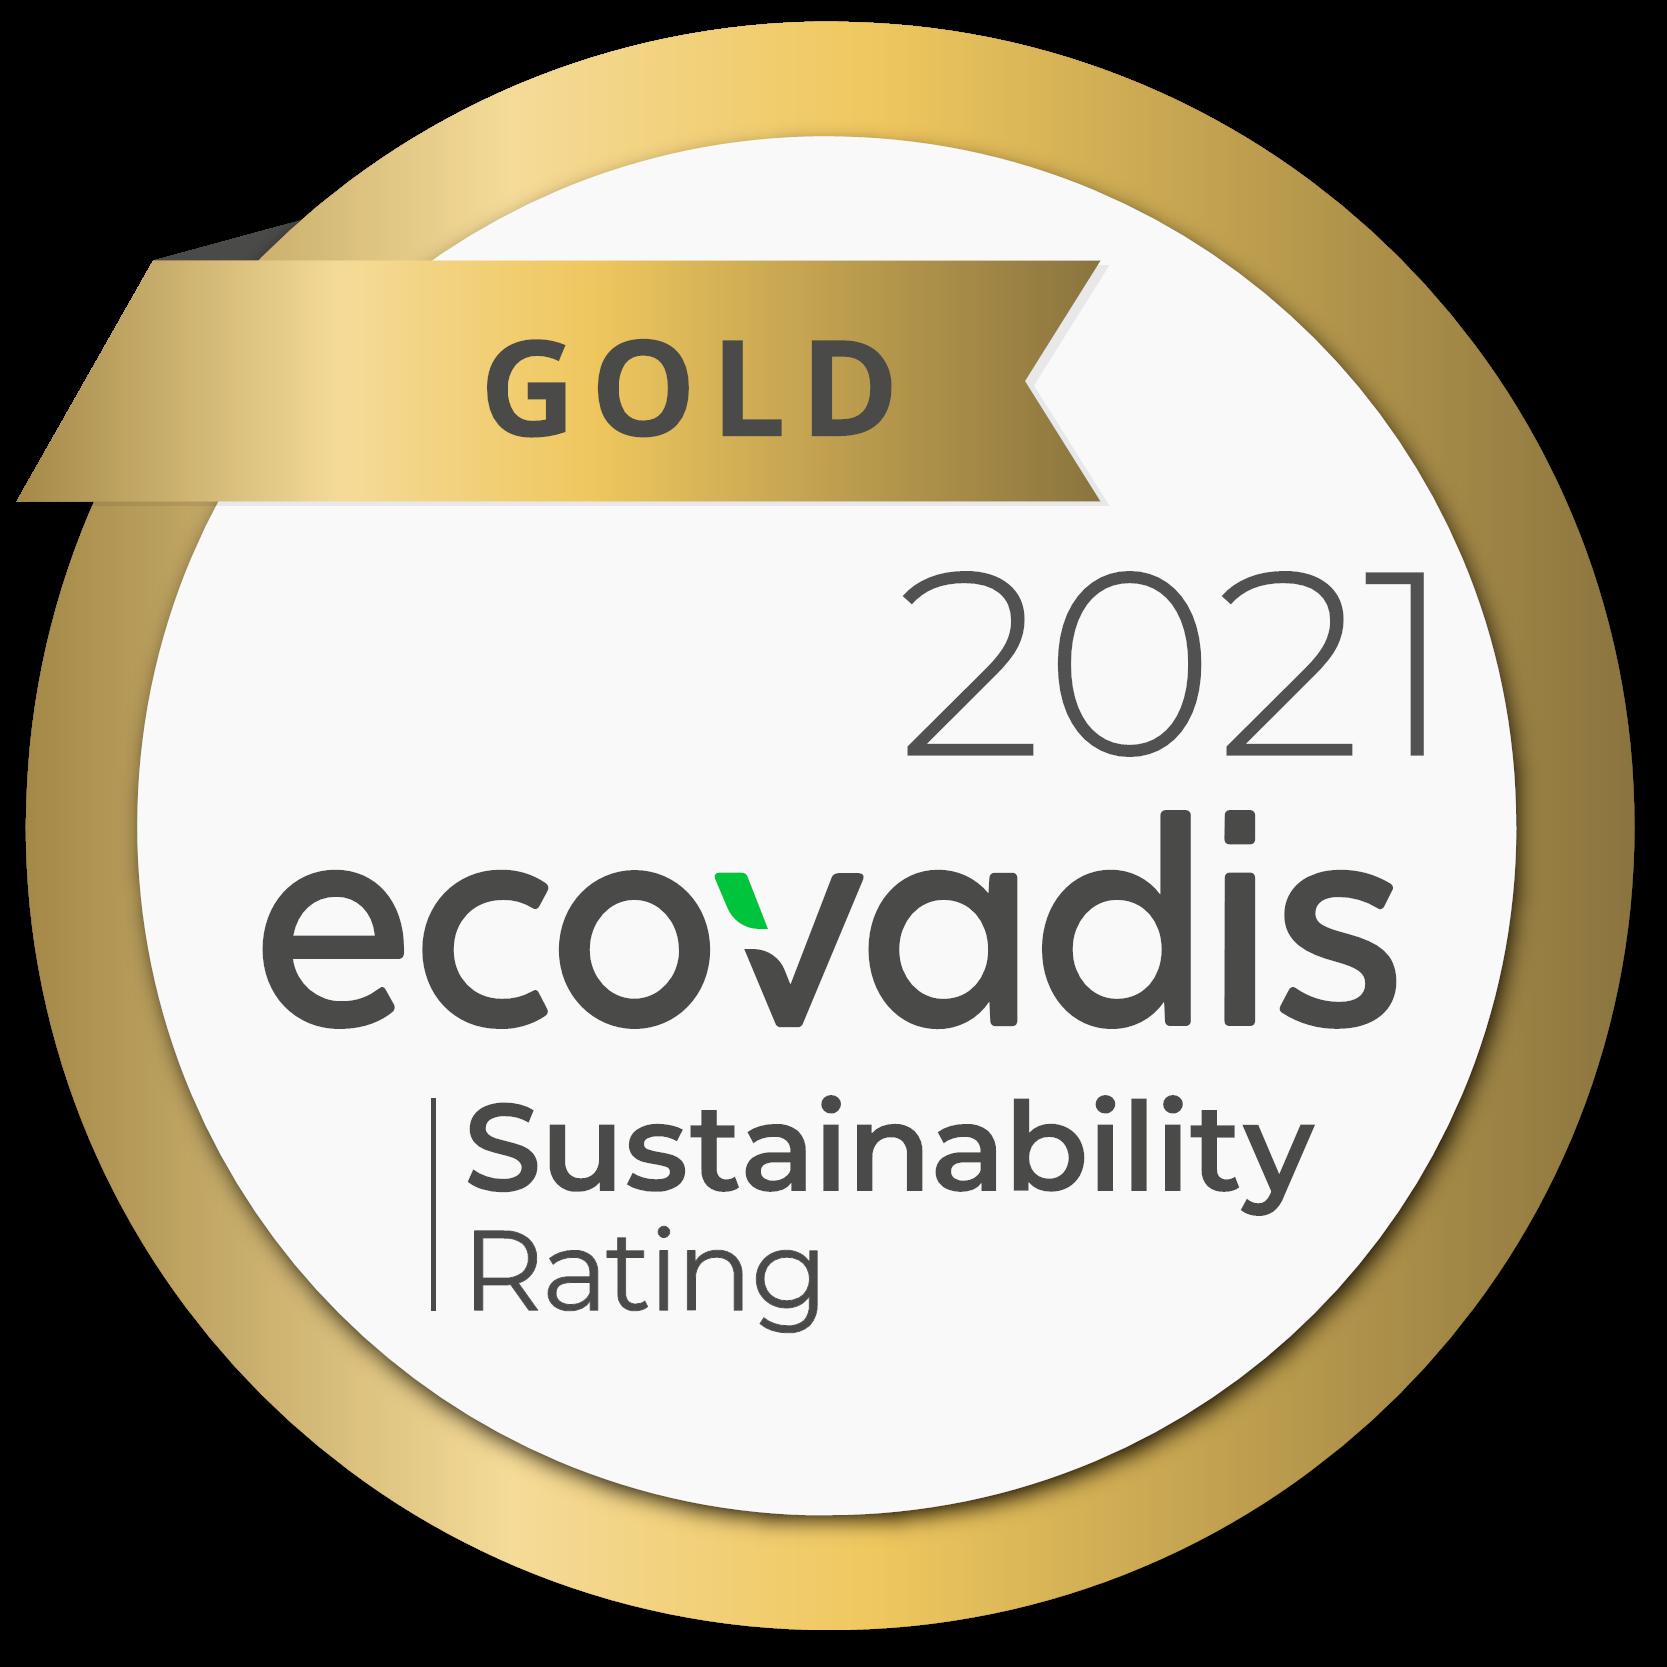 Ecovadis Gold Rating: Sustainability